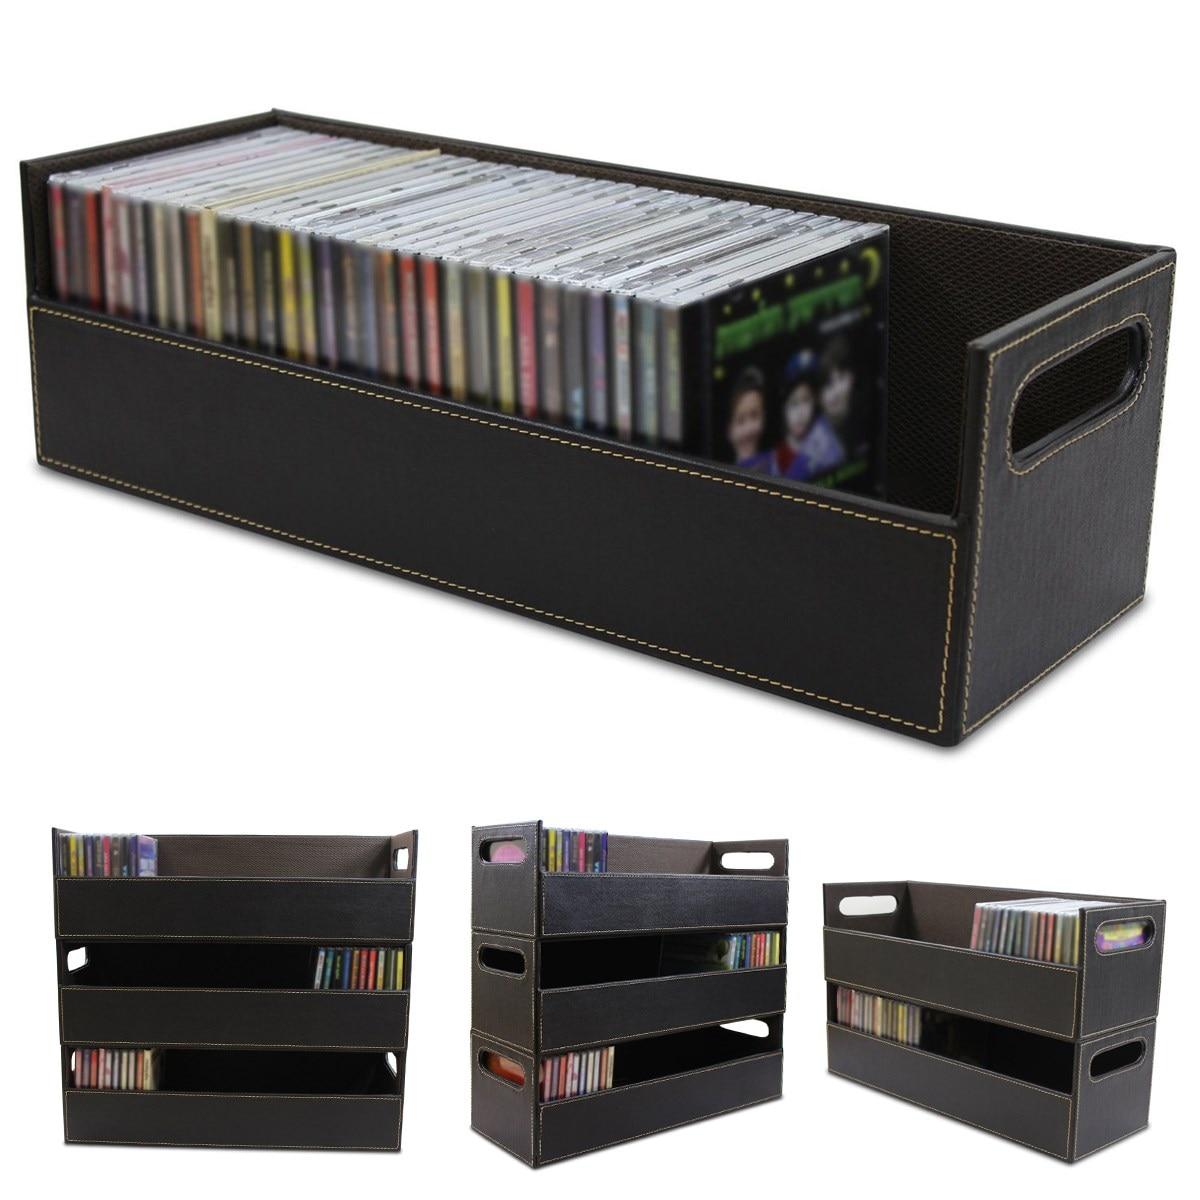 Cuir voyage étanche Portable ligne de données écouteur fil organisateur CD boîte de rangement câbles boîte conteneur